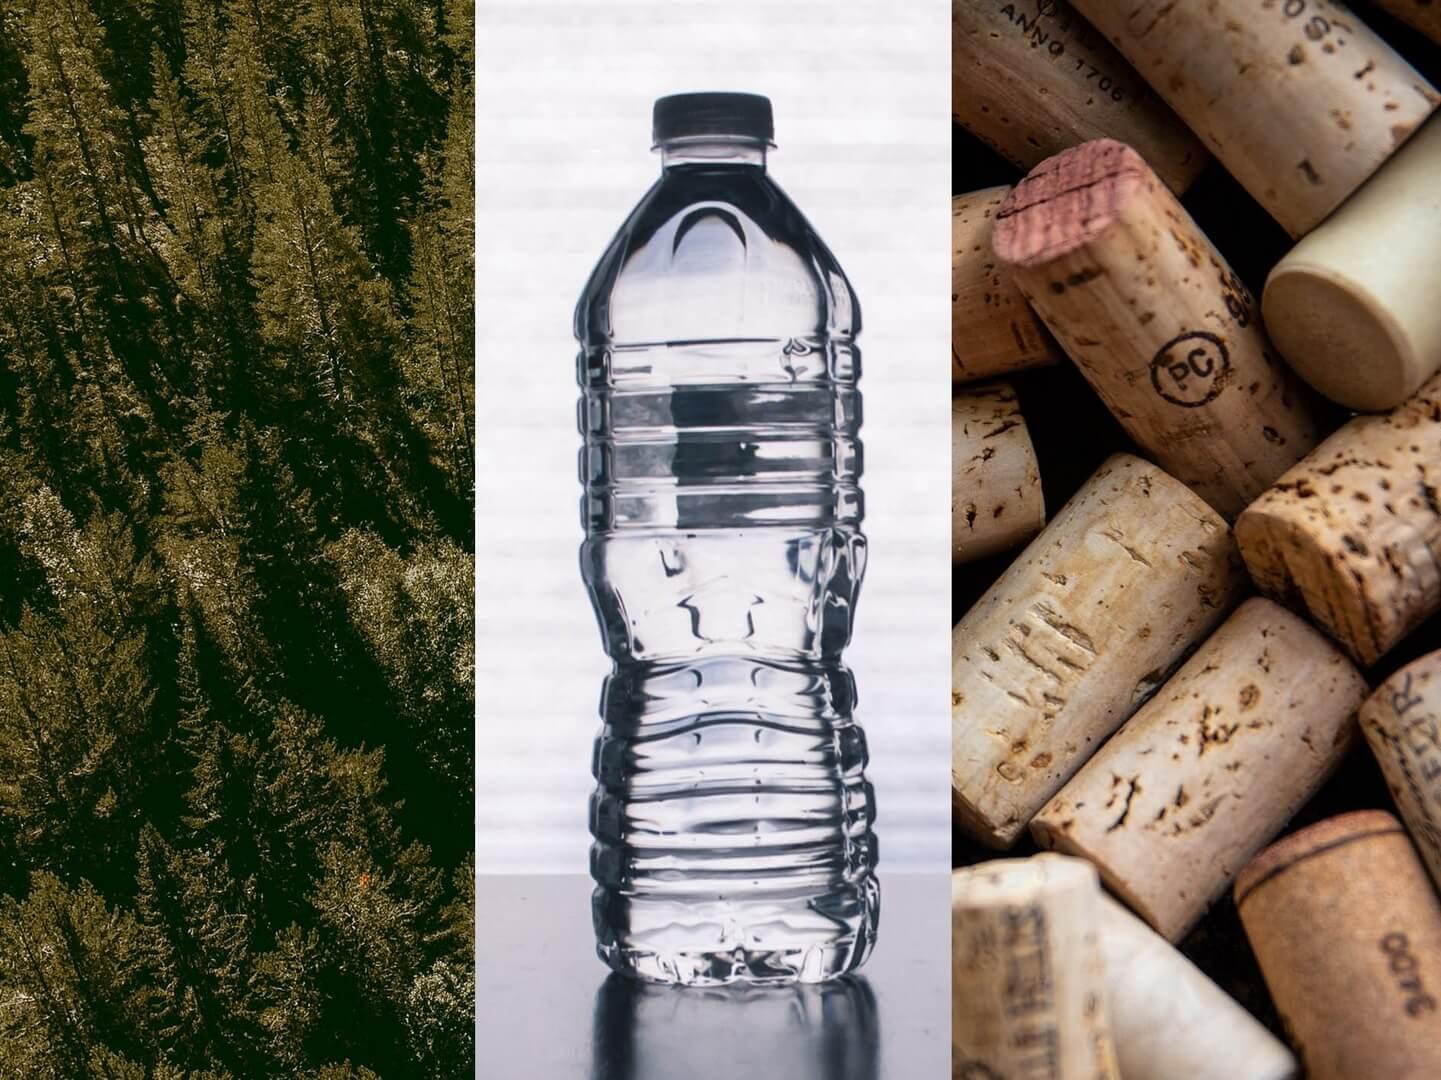 Новый не содержащий кожи материал Volvo Cars для автомобилей следующего поколения состоит из тканей, изготовленных из переработанных материалов, таких как ПЭТ-бутылки, биоматериалов из экологически чистых лесов Швеции и Финляндии, а также пробок, переработанных из винодельческой промышленности